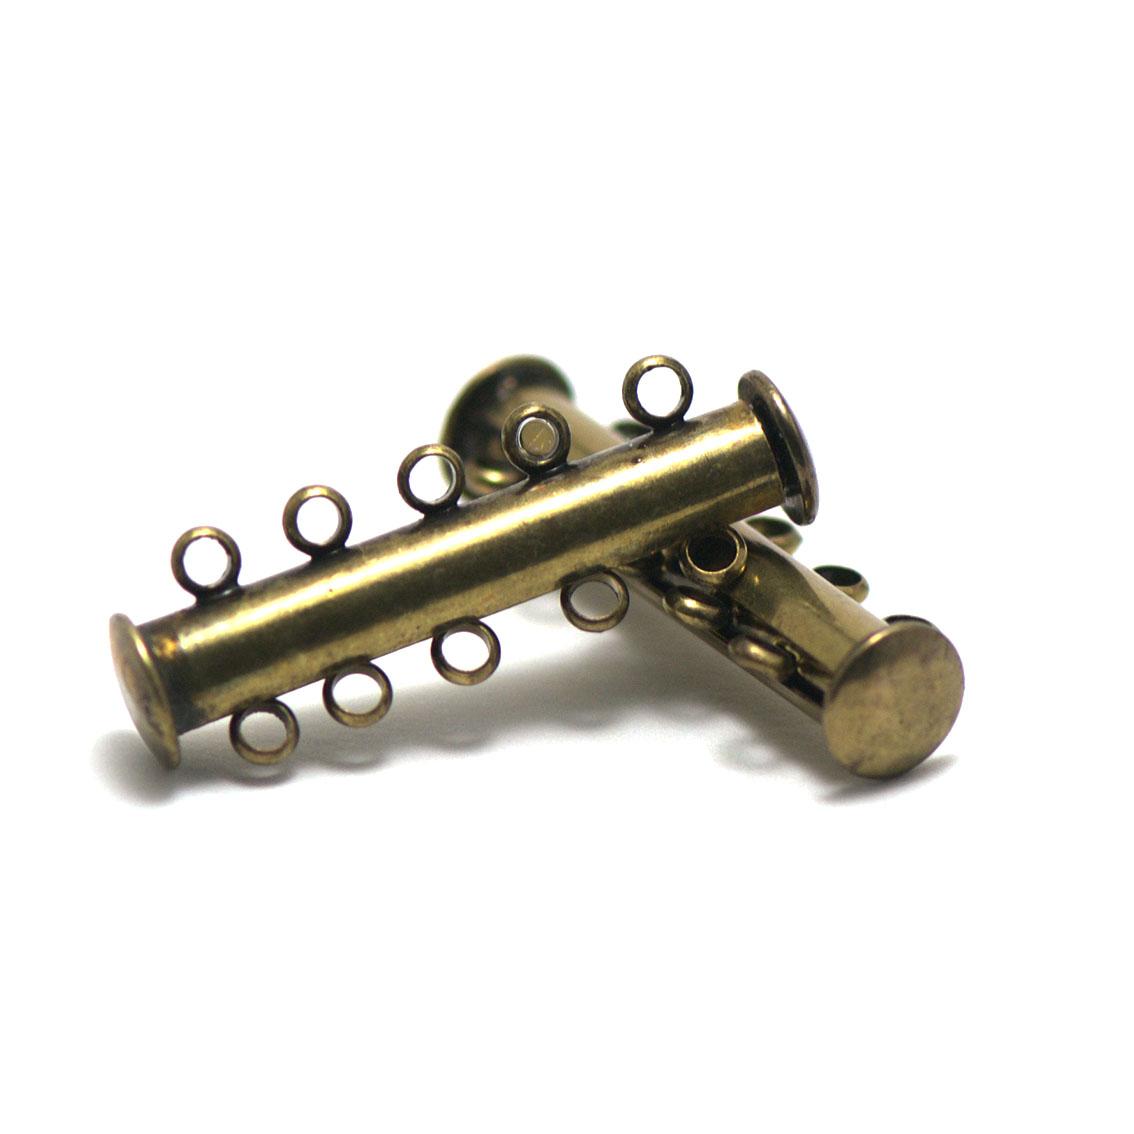 Argent dailymall 5 Pi/èces De Cylindre Aimant Magn/étique Fermoir Connecteurs Pour Bracelet Bricolage Fabrication De Collier